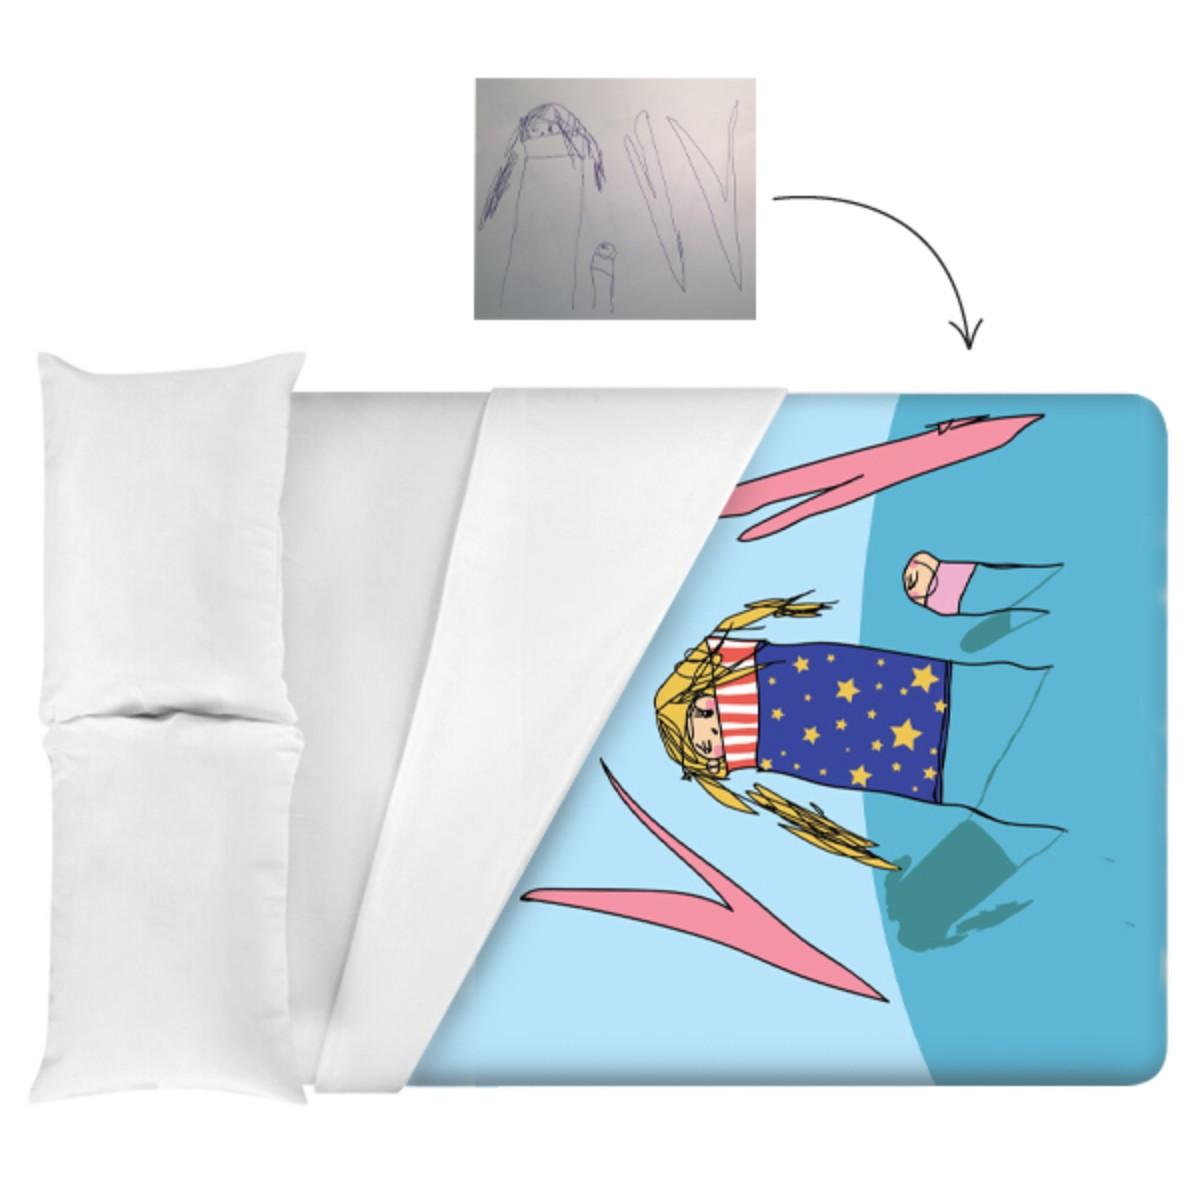 bettdecken aus papier sternenhimmel led schlafzimmer wandtattoo spr che franz sische bulldogge. Black Bedroom Furniture Sets. Home Design Ideas